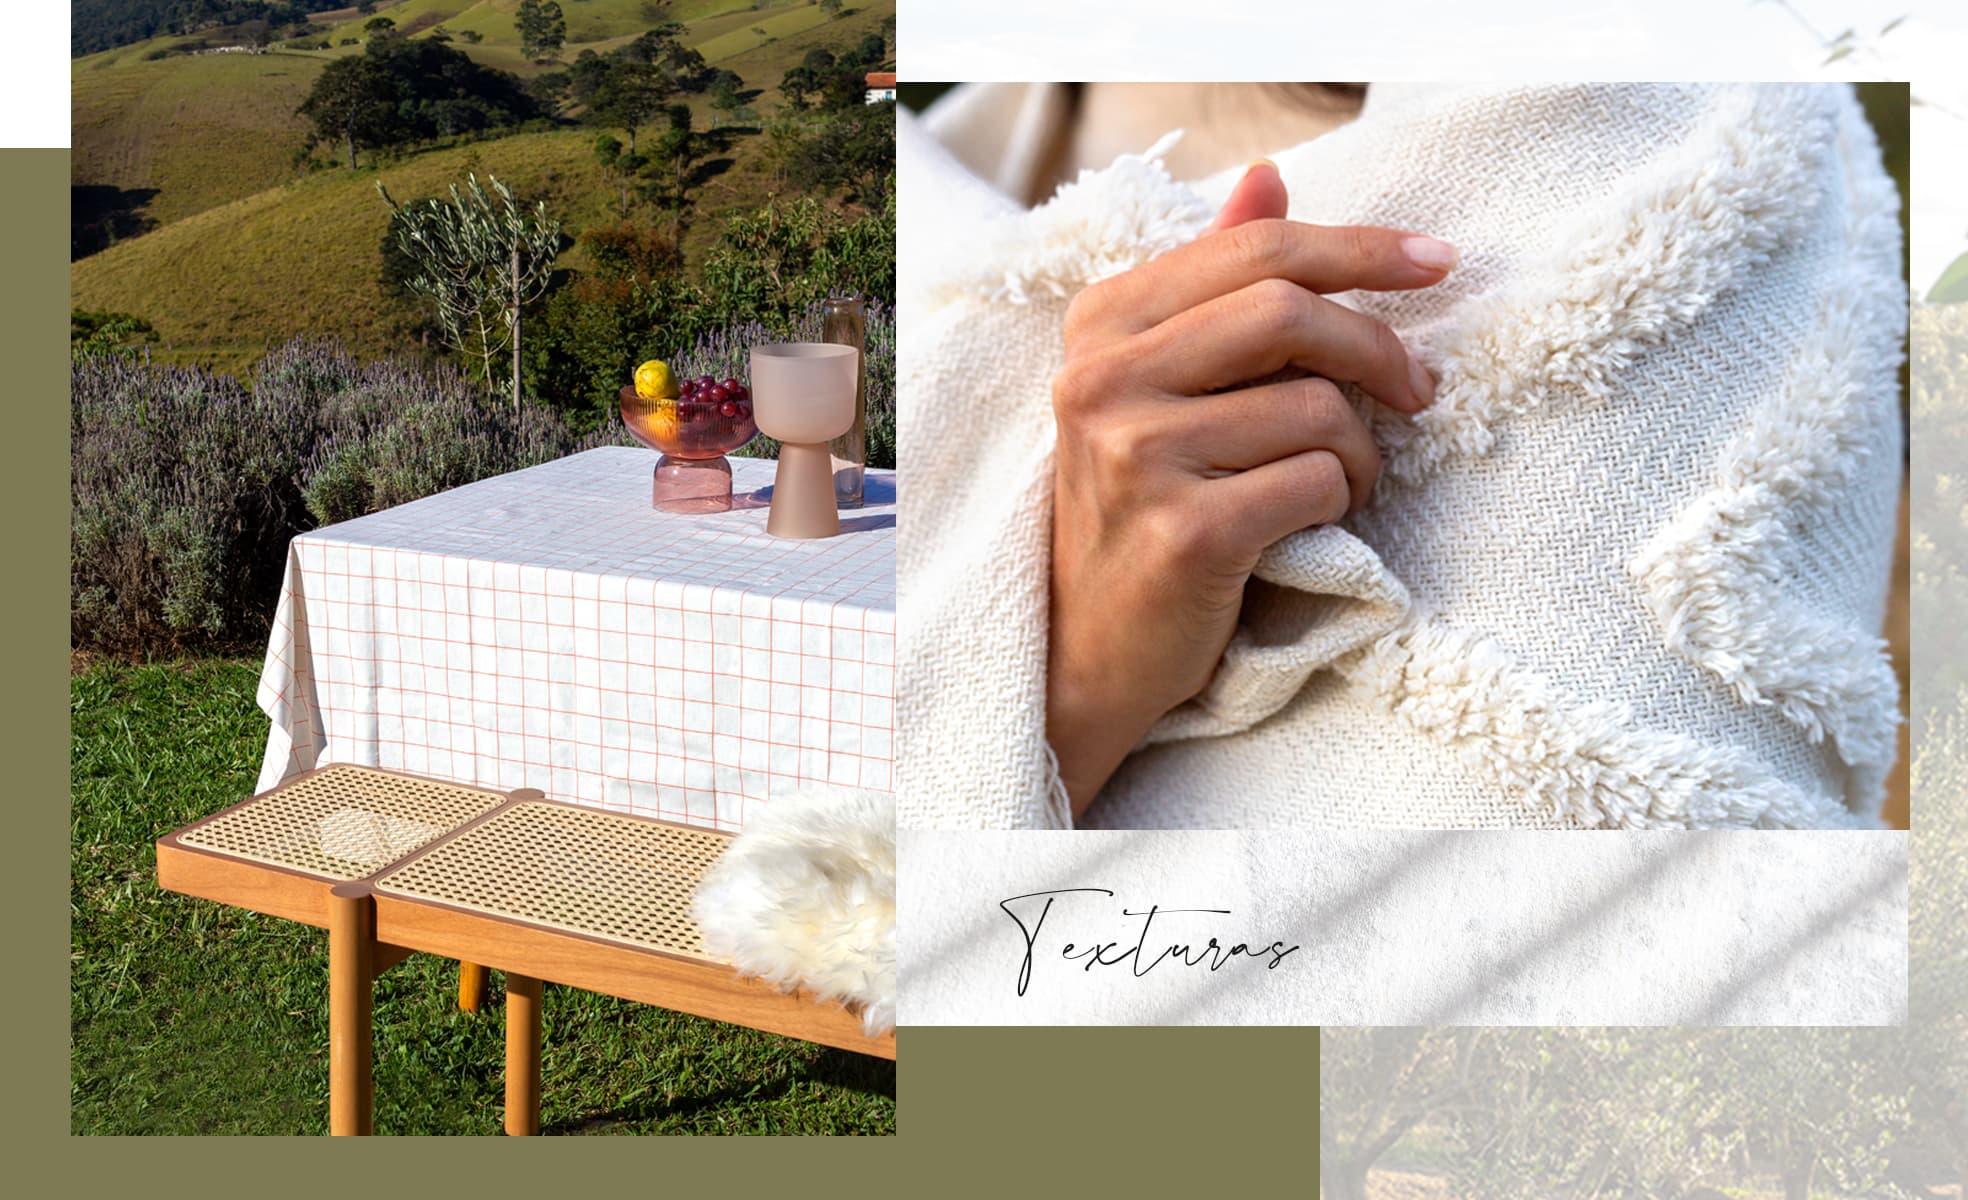 Montagem com detalhe da textura de tecidos